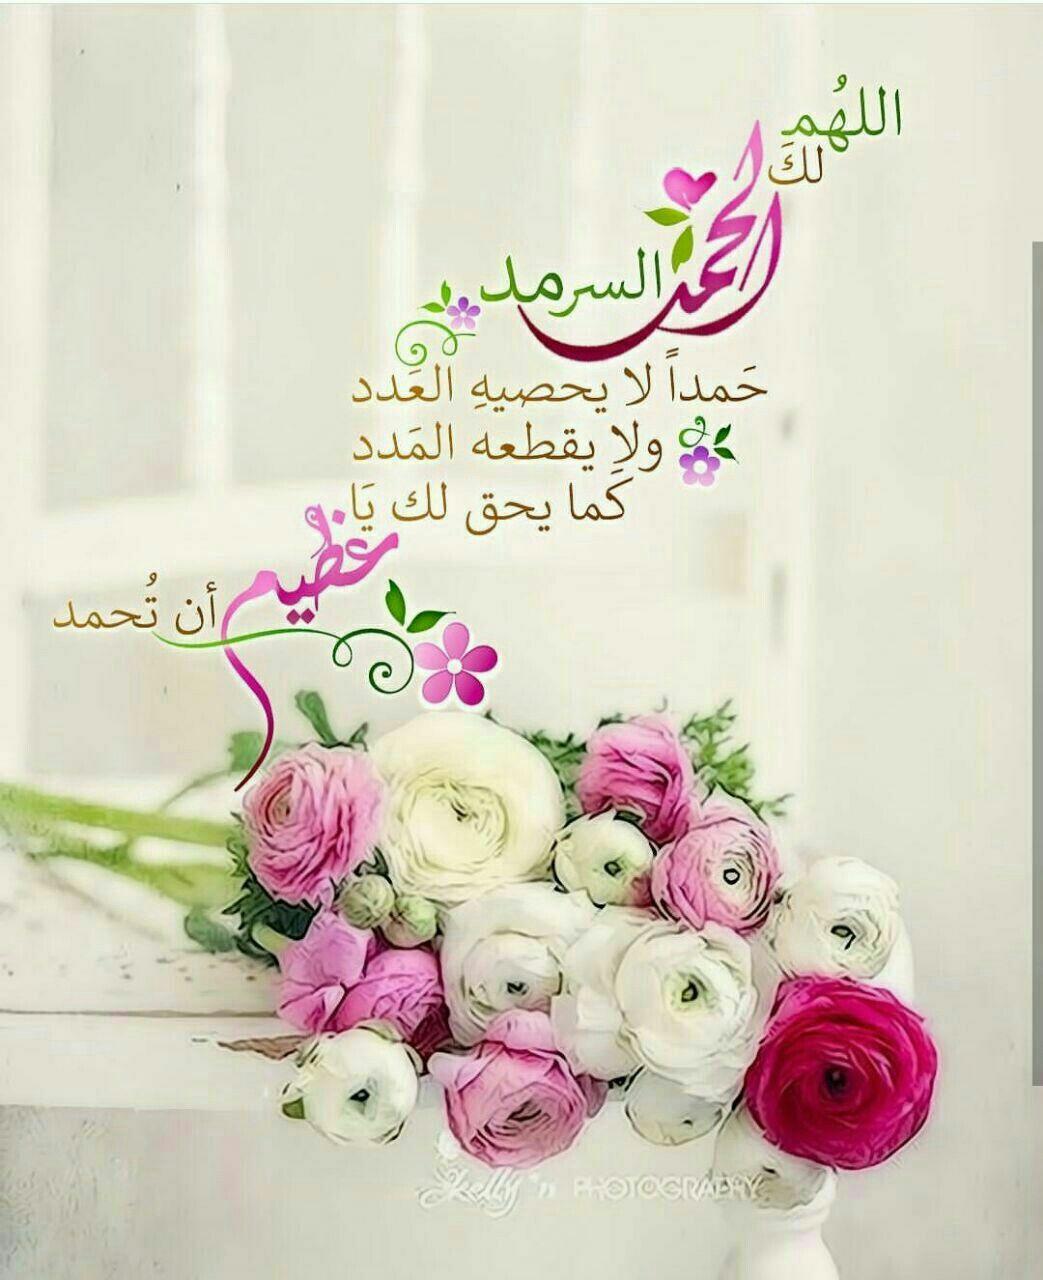 الحمد لل ه رب العالمين حمدا كثيرا طيبا مباركا فيه Islamic Prayer Happy Sunday Morning Messages